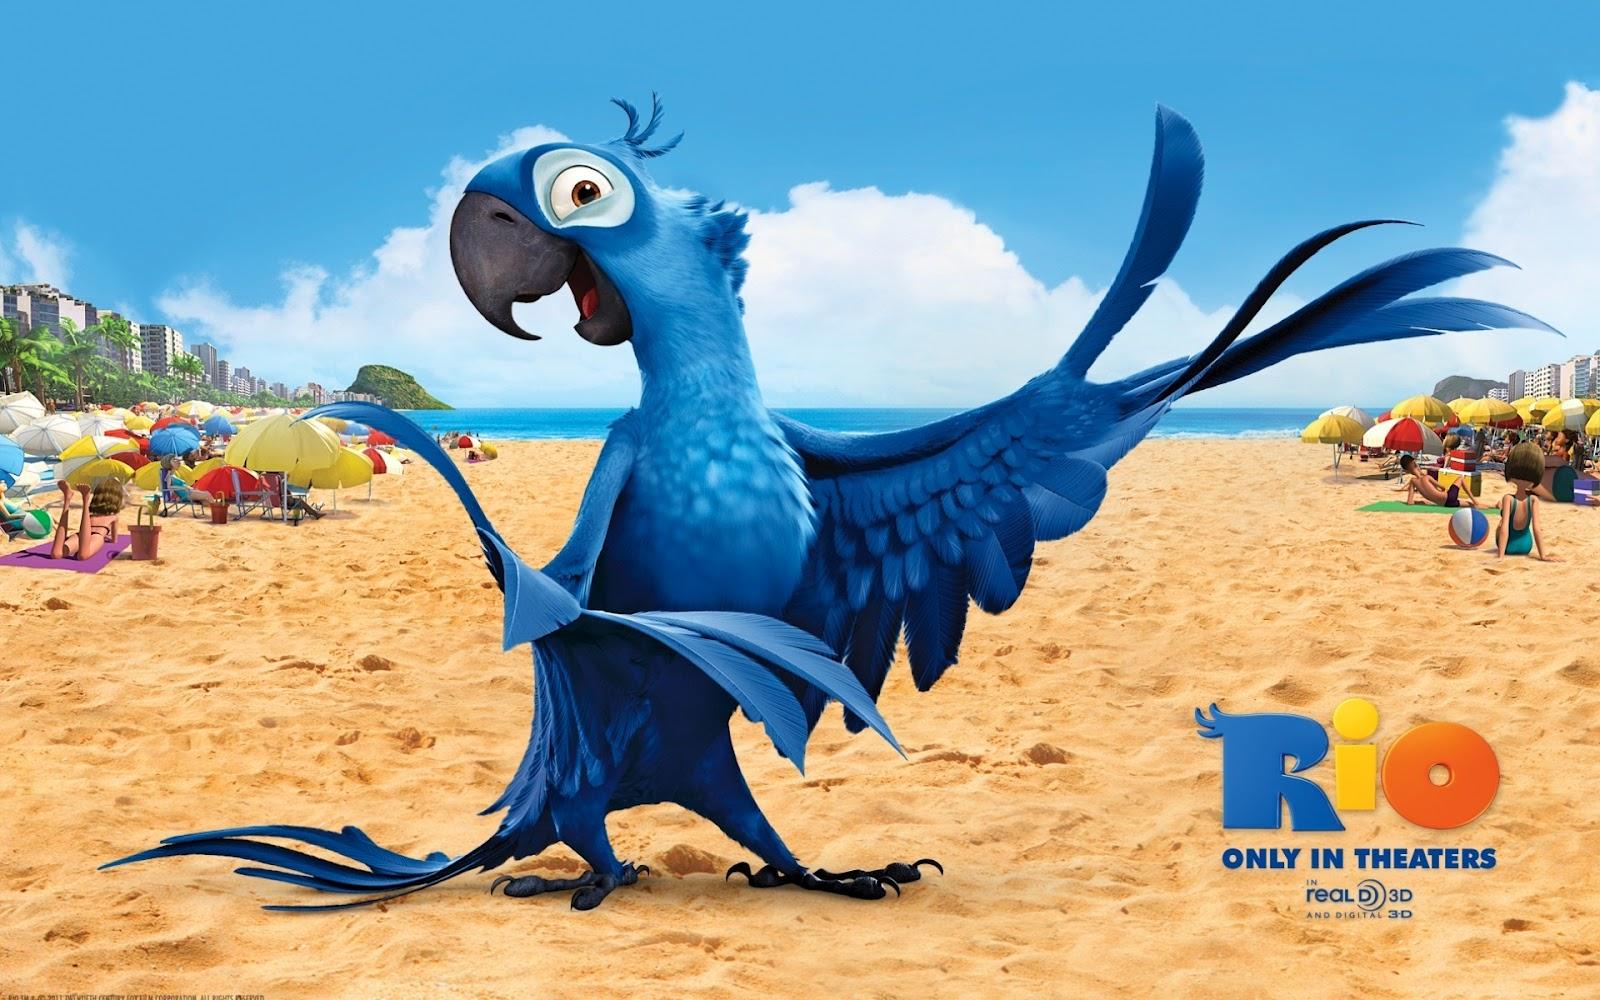 http://4.bp.blogspot.com/-fXkLZQJjiq8/T75rrc-JKwI/AAAAAAAAsw0/KLPZLC6ywMU/s1600/Blu+Rio+MovieWallpapers(1).jpg